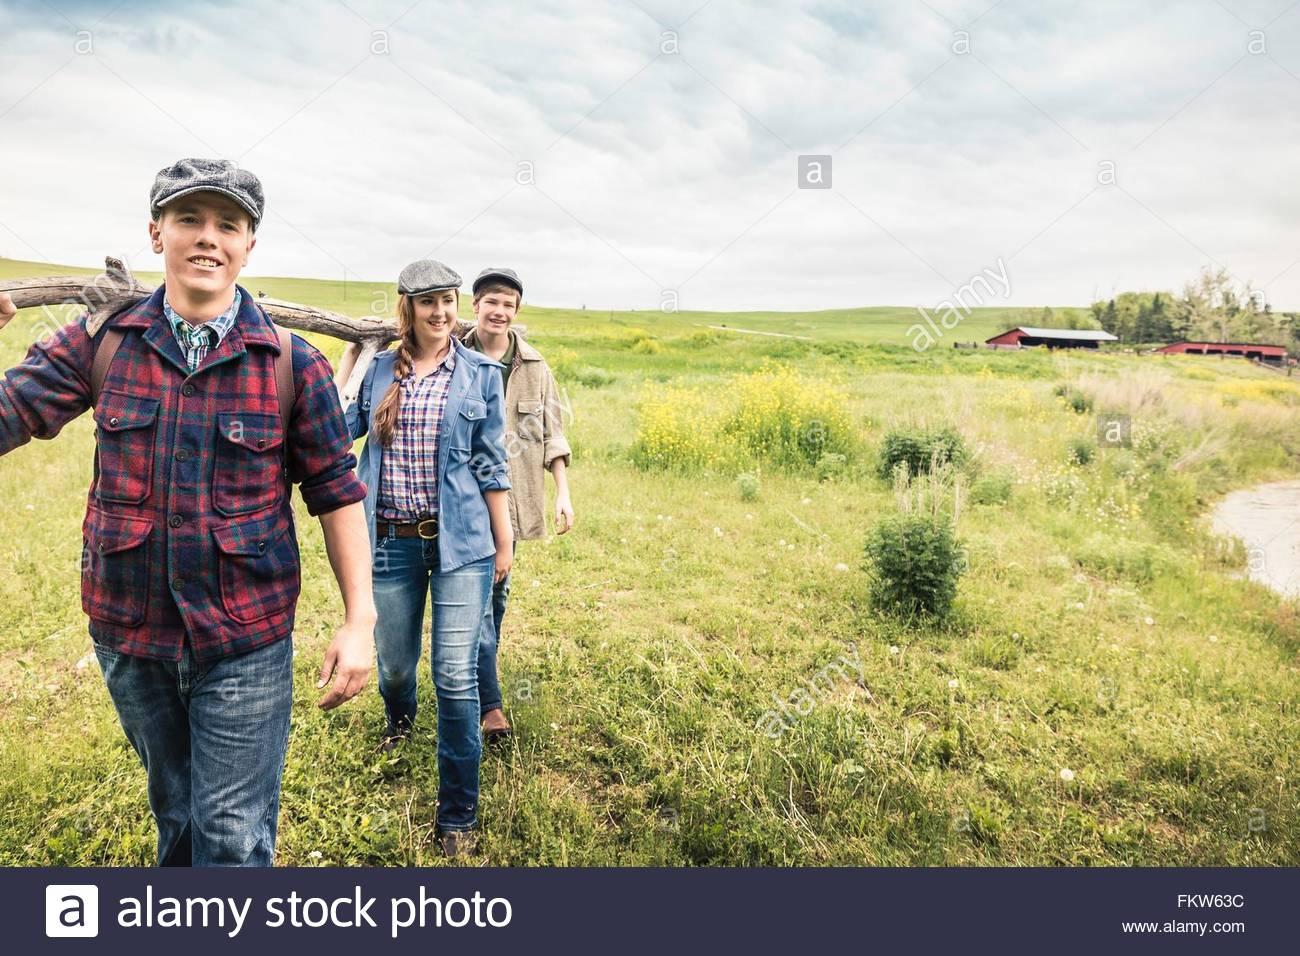 Adultos Jóvenes y jovencito llevando rama sobre el hombro sonriendo mirando a la cámara Imagen De Stock